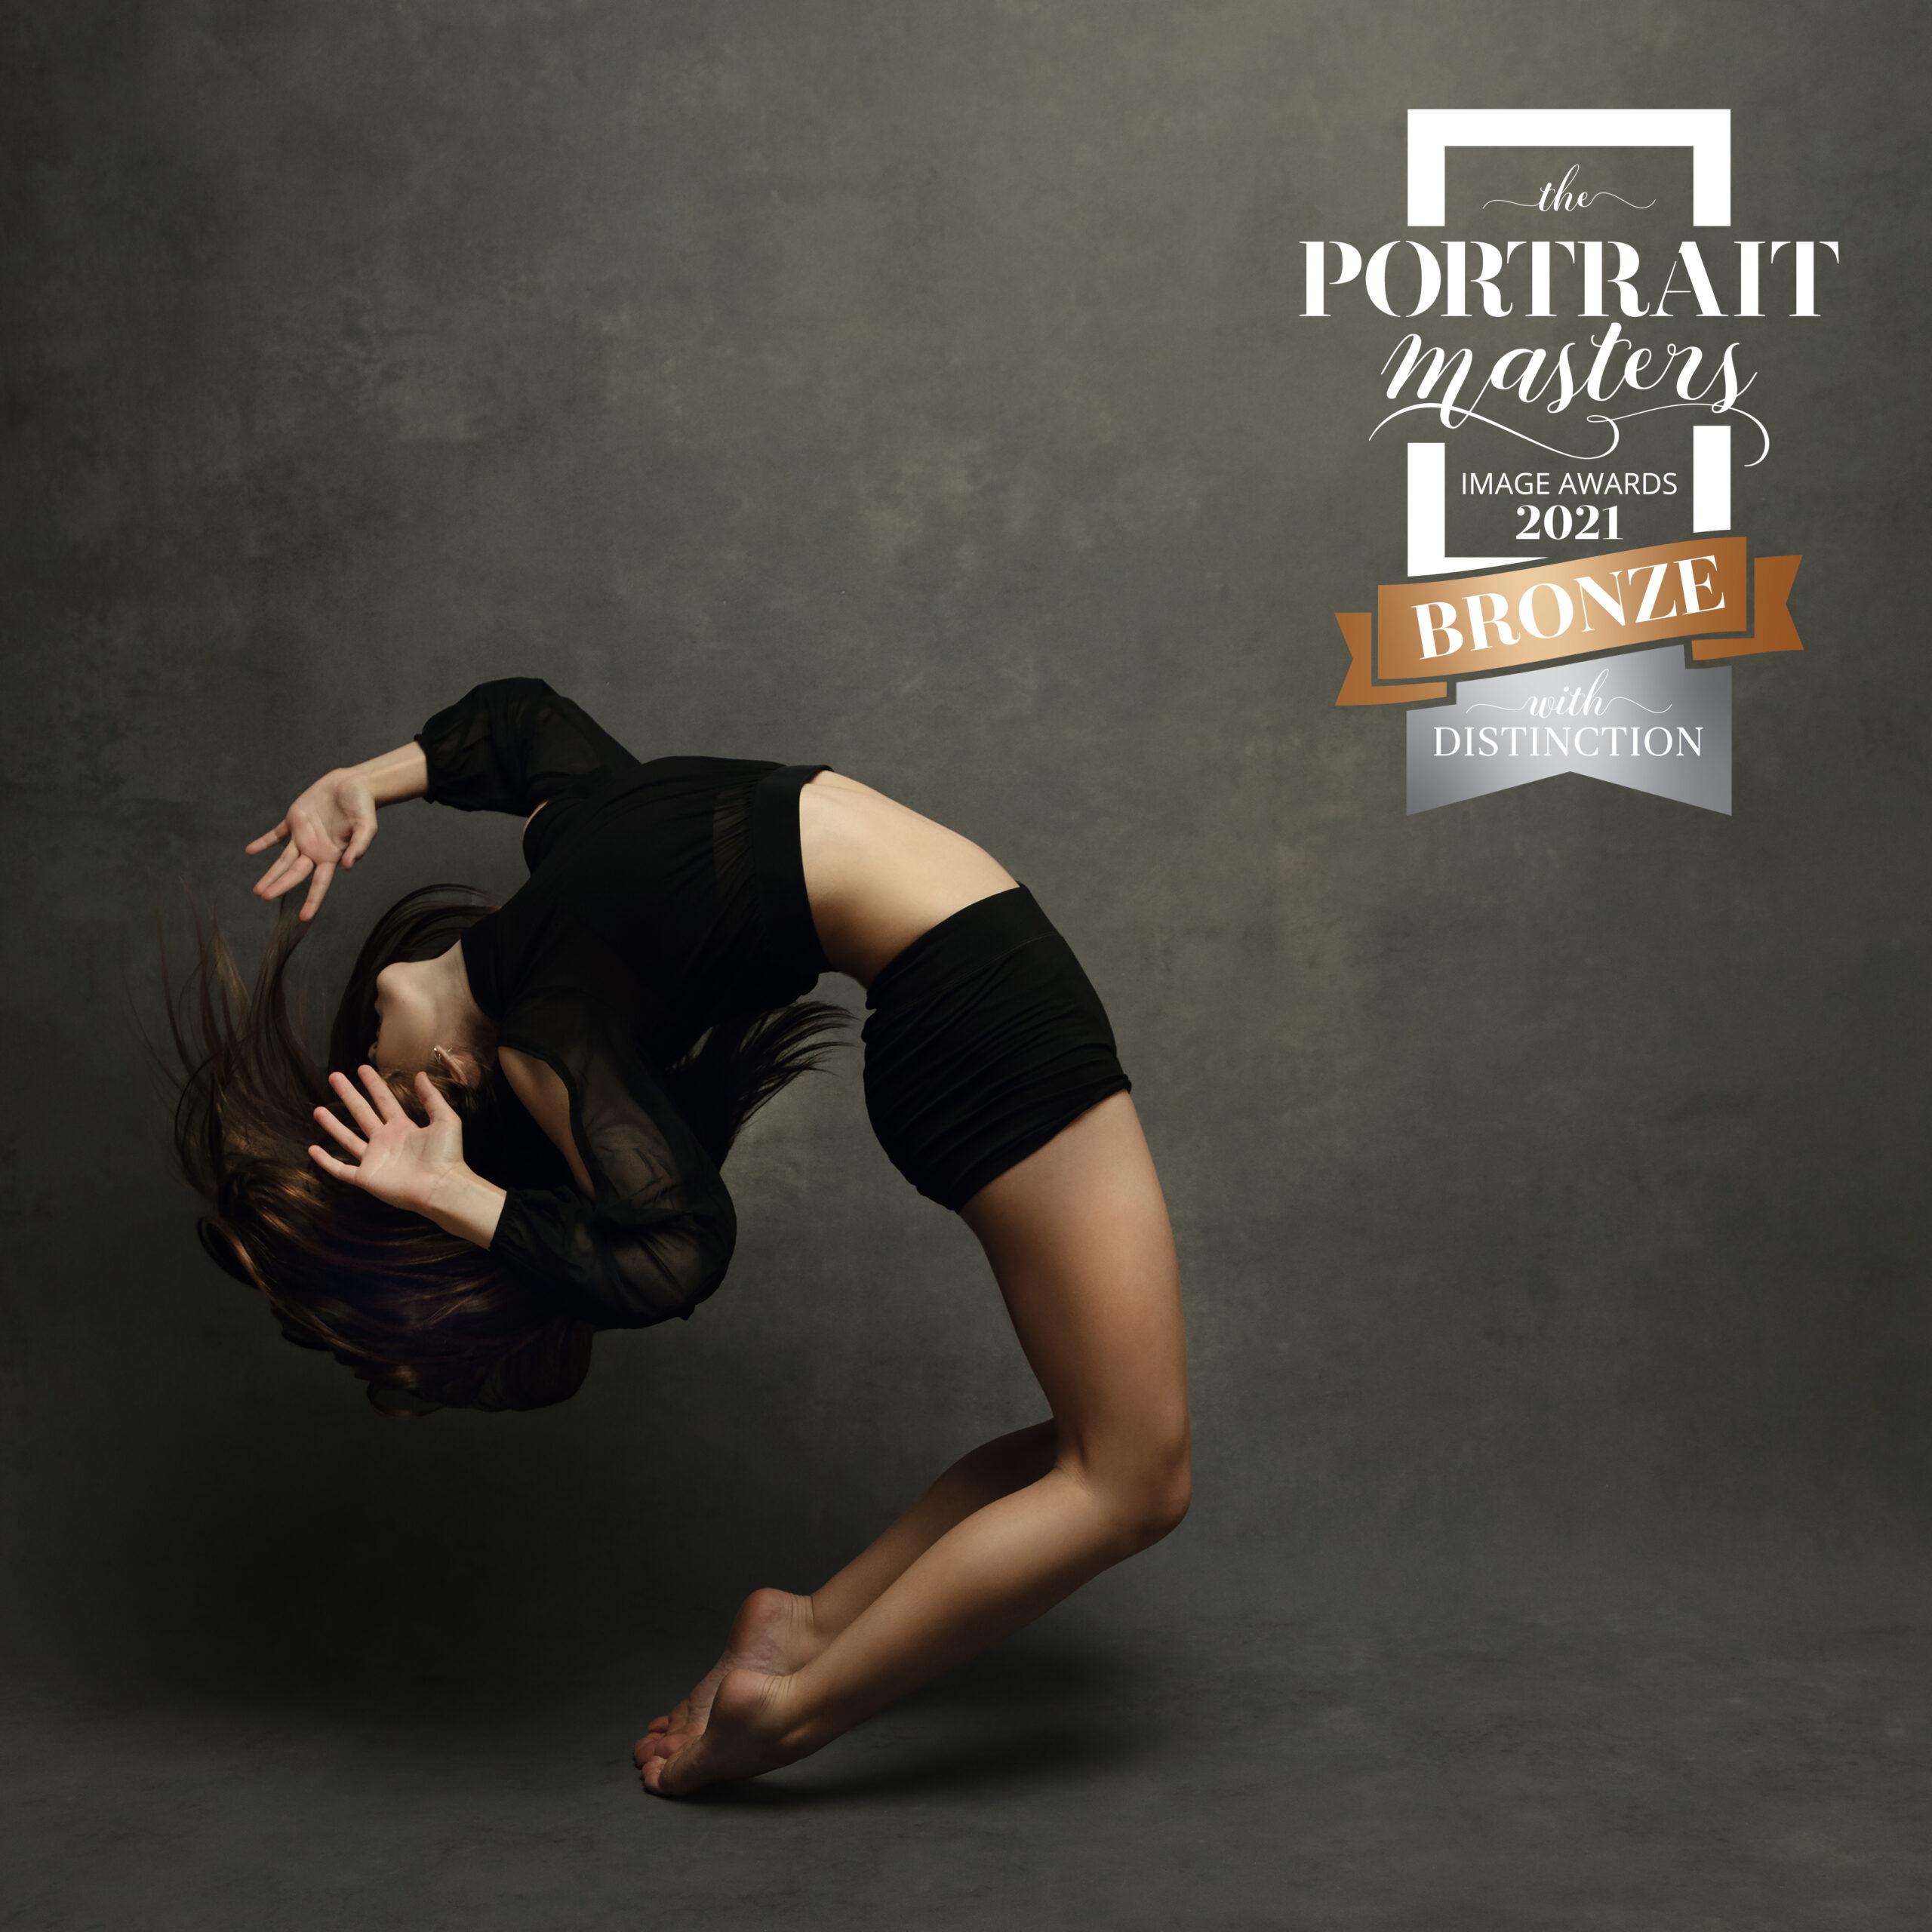 Michell Santelik Dance Model Team